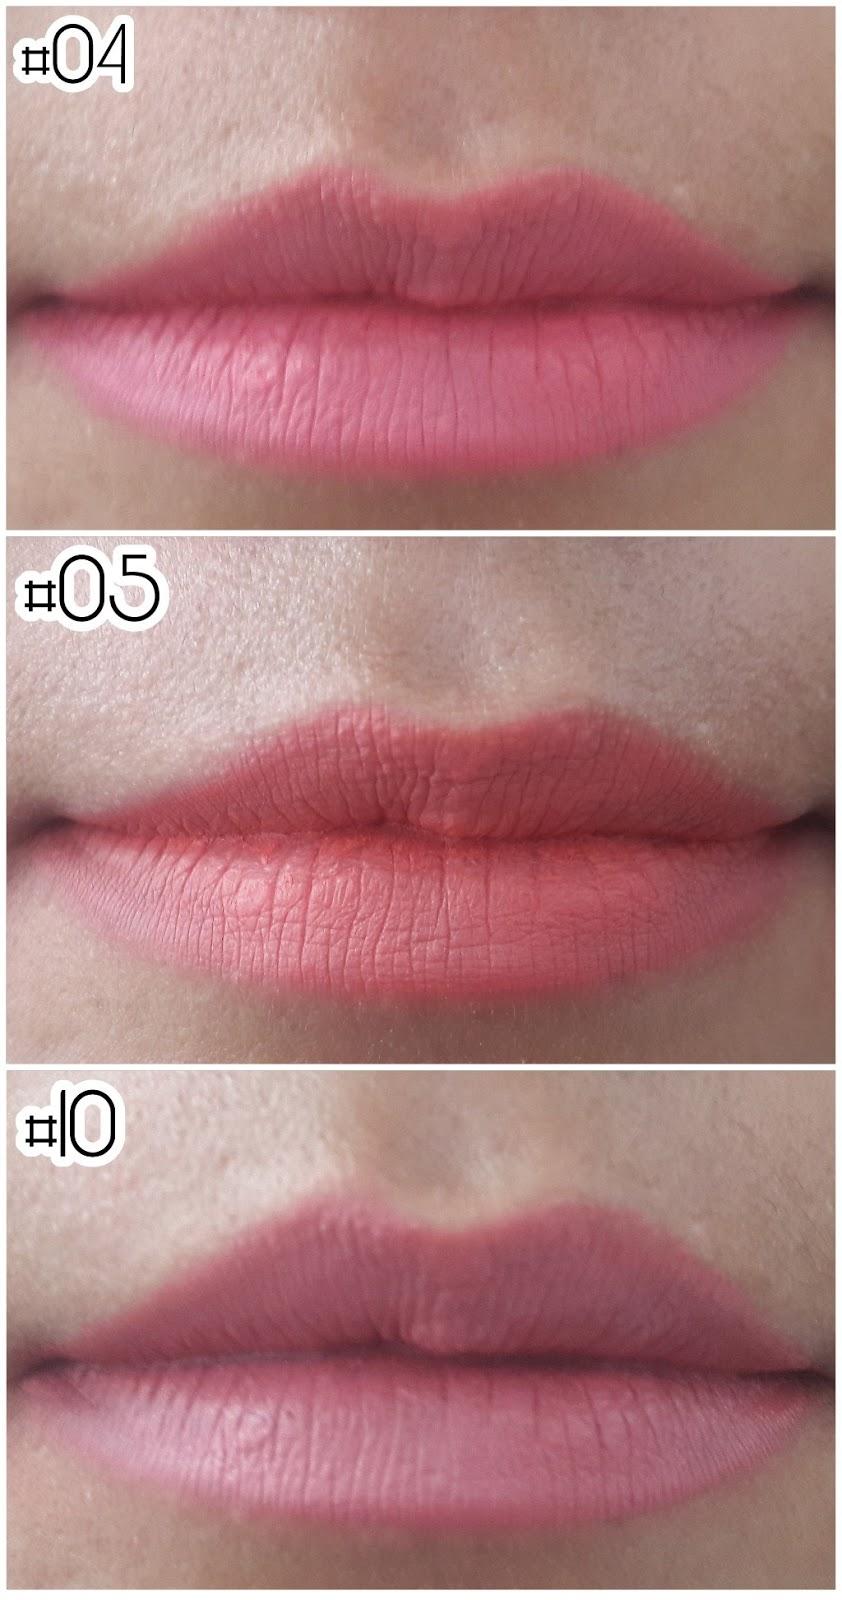 Review Wardah Exclusive Matte Lip Cream Pink Me Speachless And Nah Gambar Diatas Adalah Hasil Pengaplikasian Nya Gue Suka Ketiga Warnanya Tapi Ada Yang Ga Karna Ini Gampang Kering Dan Cracking